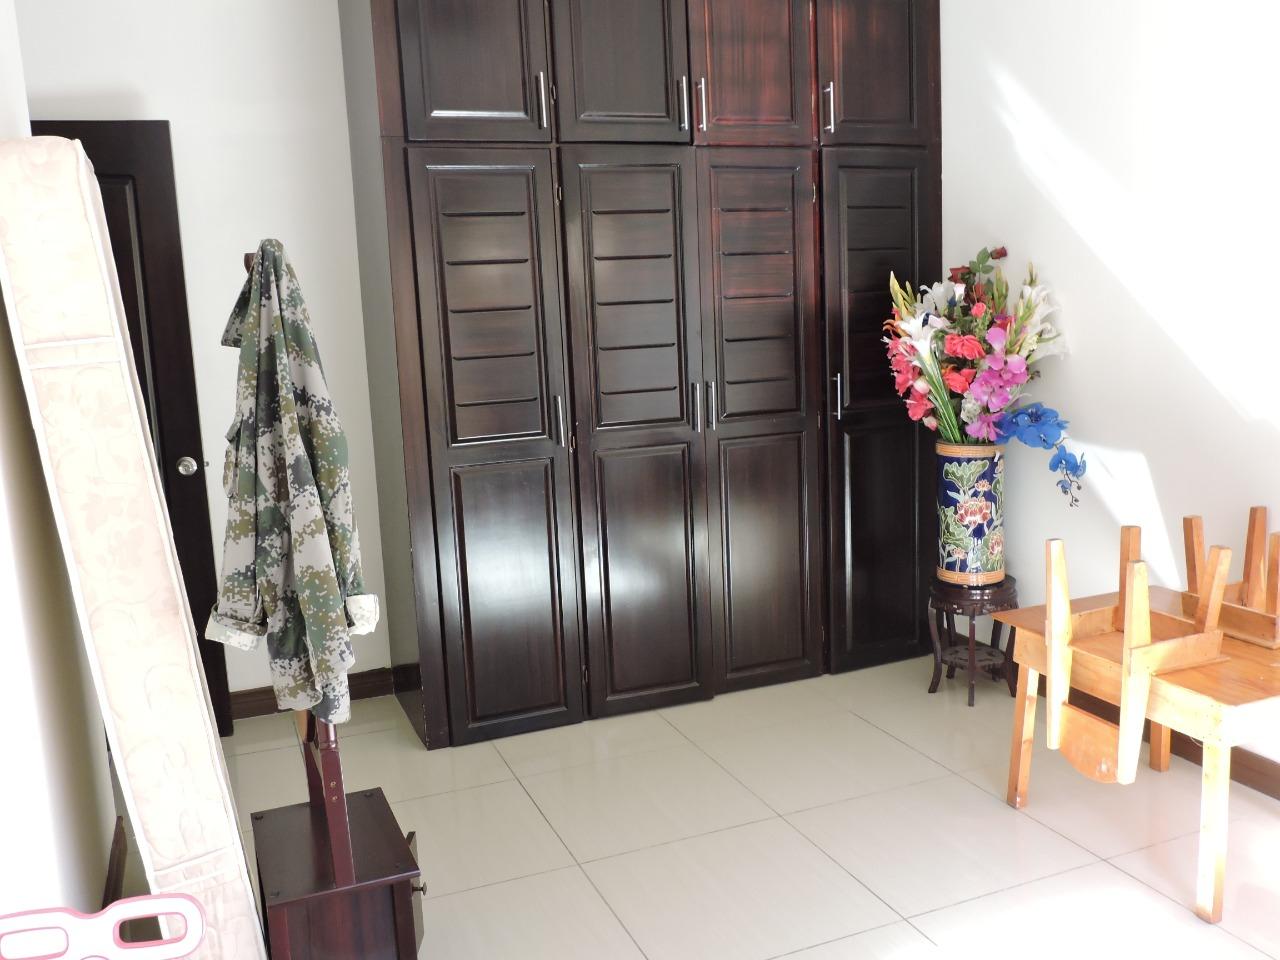 2048 Alquilo en Rohrmoser Casa Independiente de uso Residencial